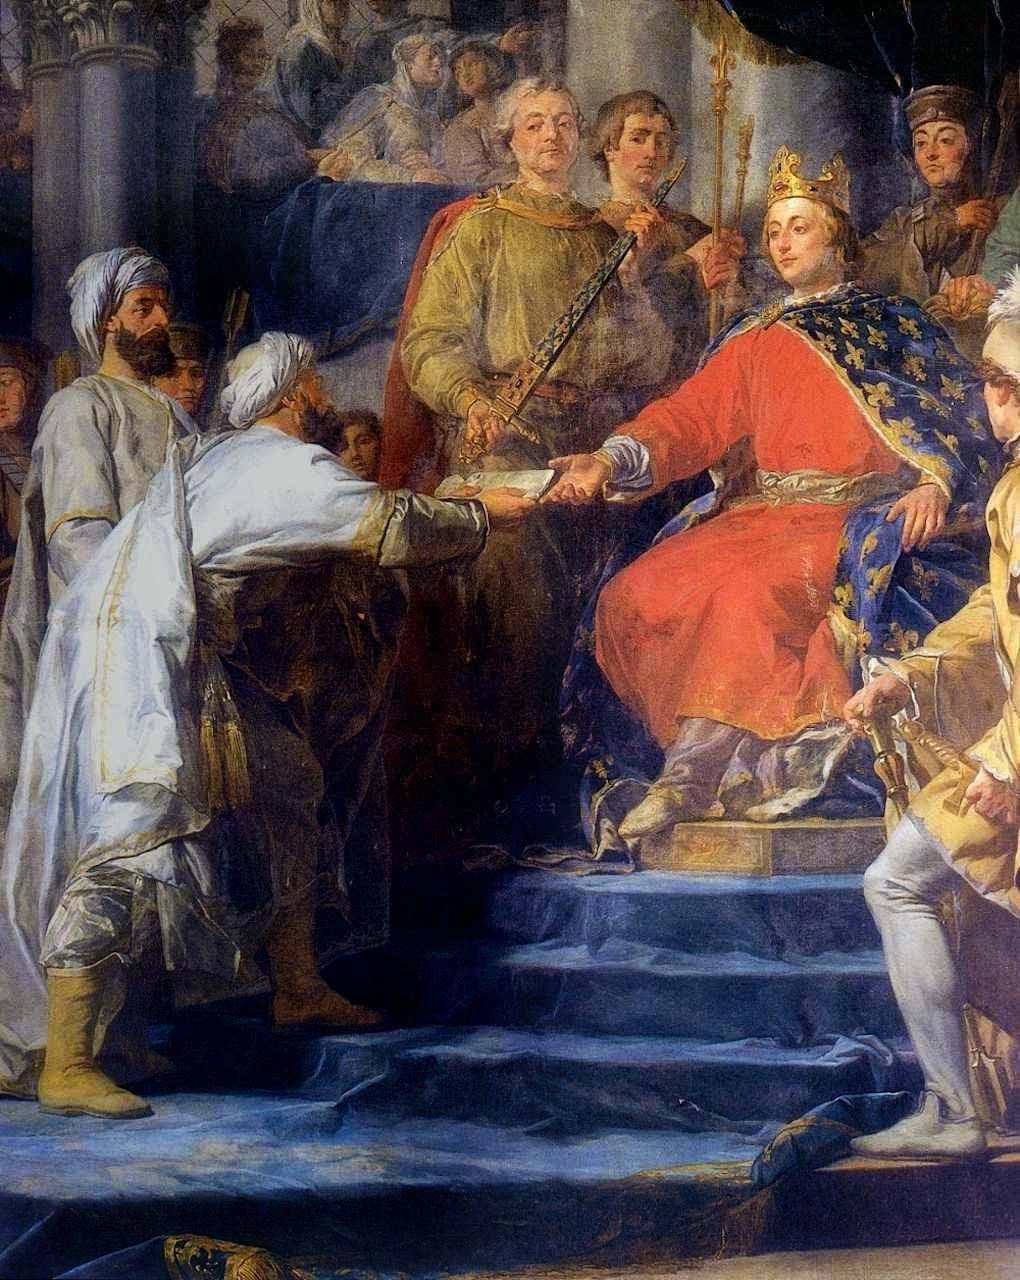 São Luís recebe enviados do Velho da Montanha, ou Príncipe dos Assassinos, seita islâmica. Guy-Nicolas Brenet  (1728 — 1792)